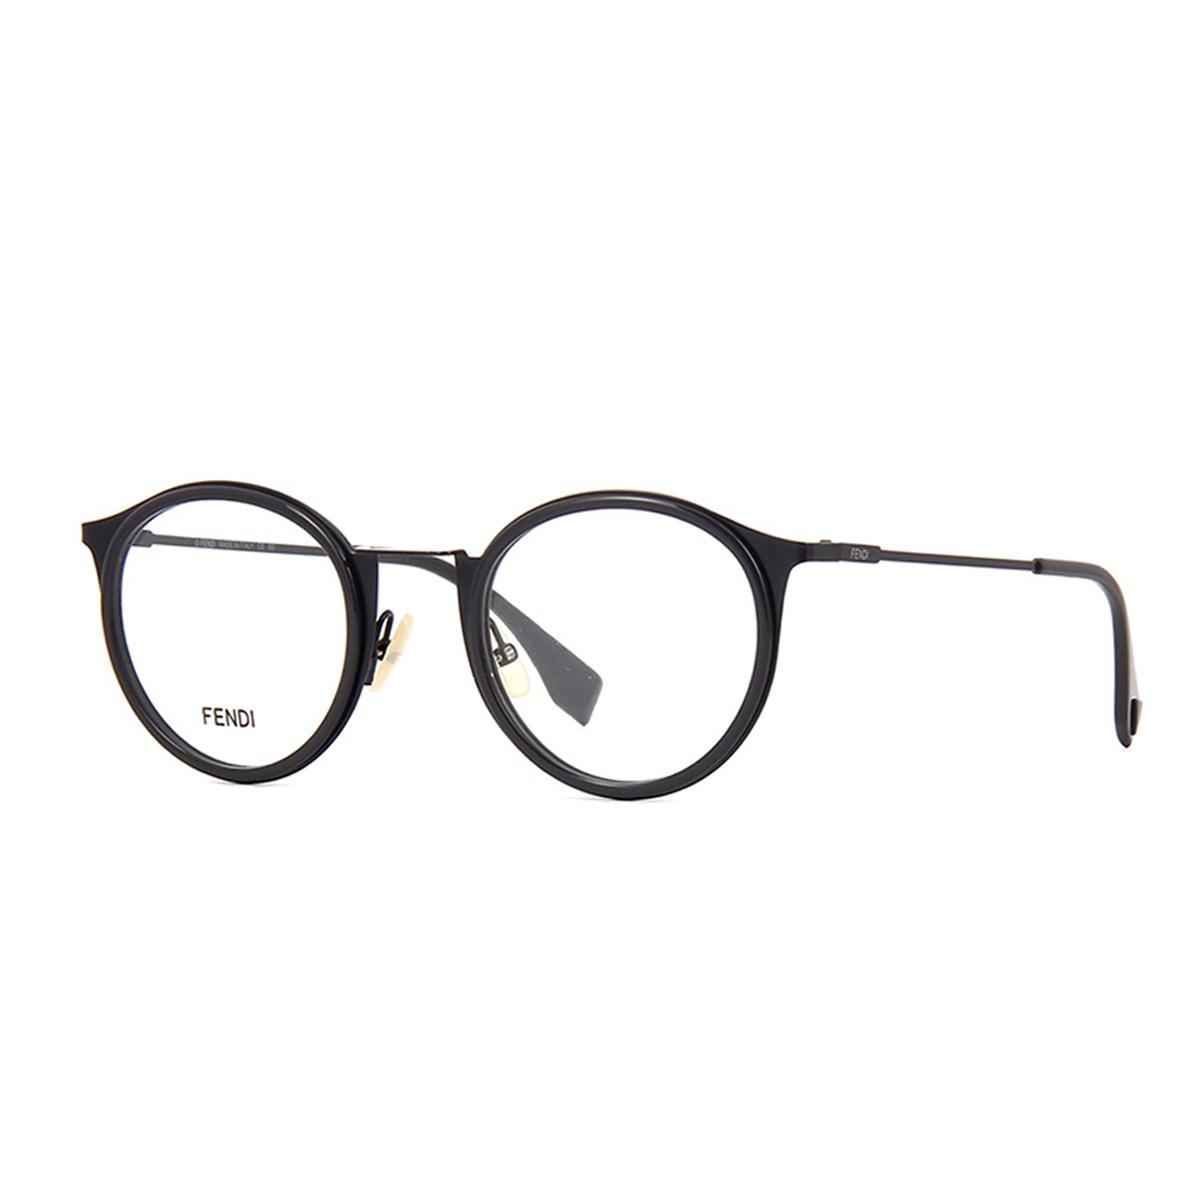 Fendi FF M0023 | Men's eyeglasses